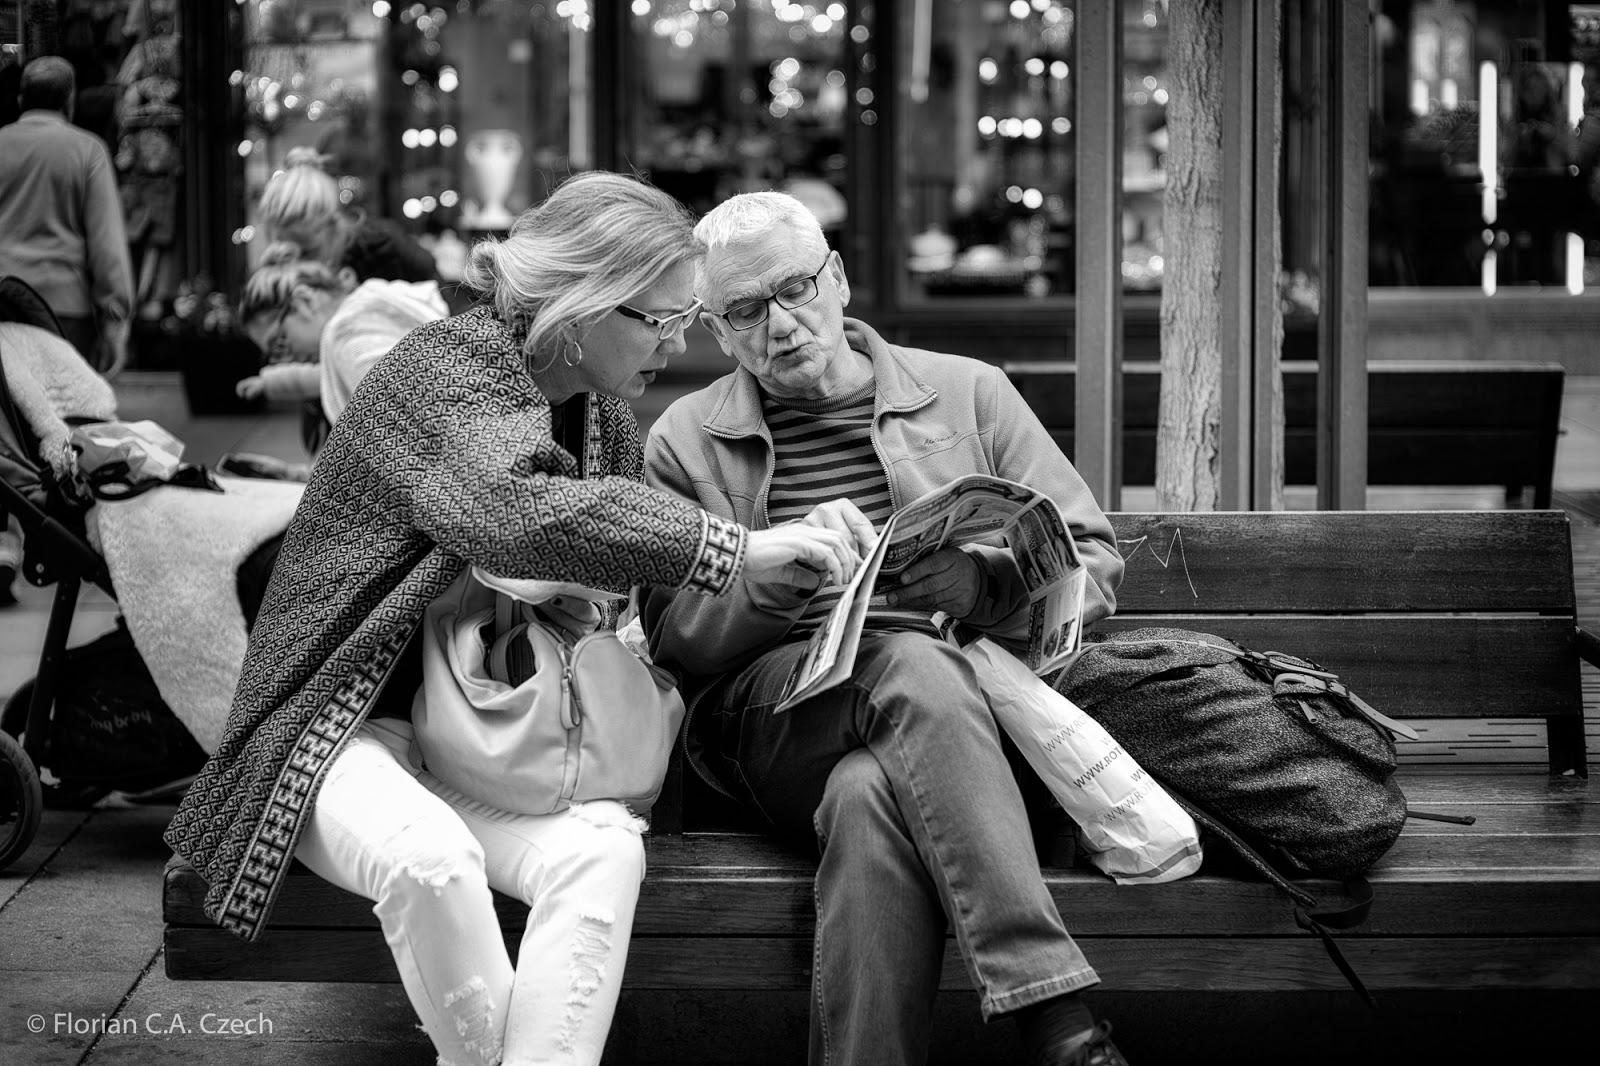 Ein älteres Ehepaar auf einer Bank schwarz weiss